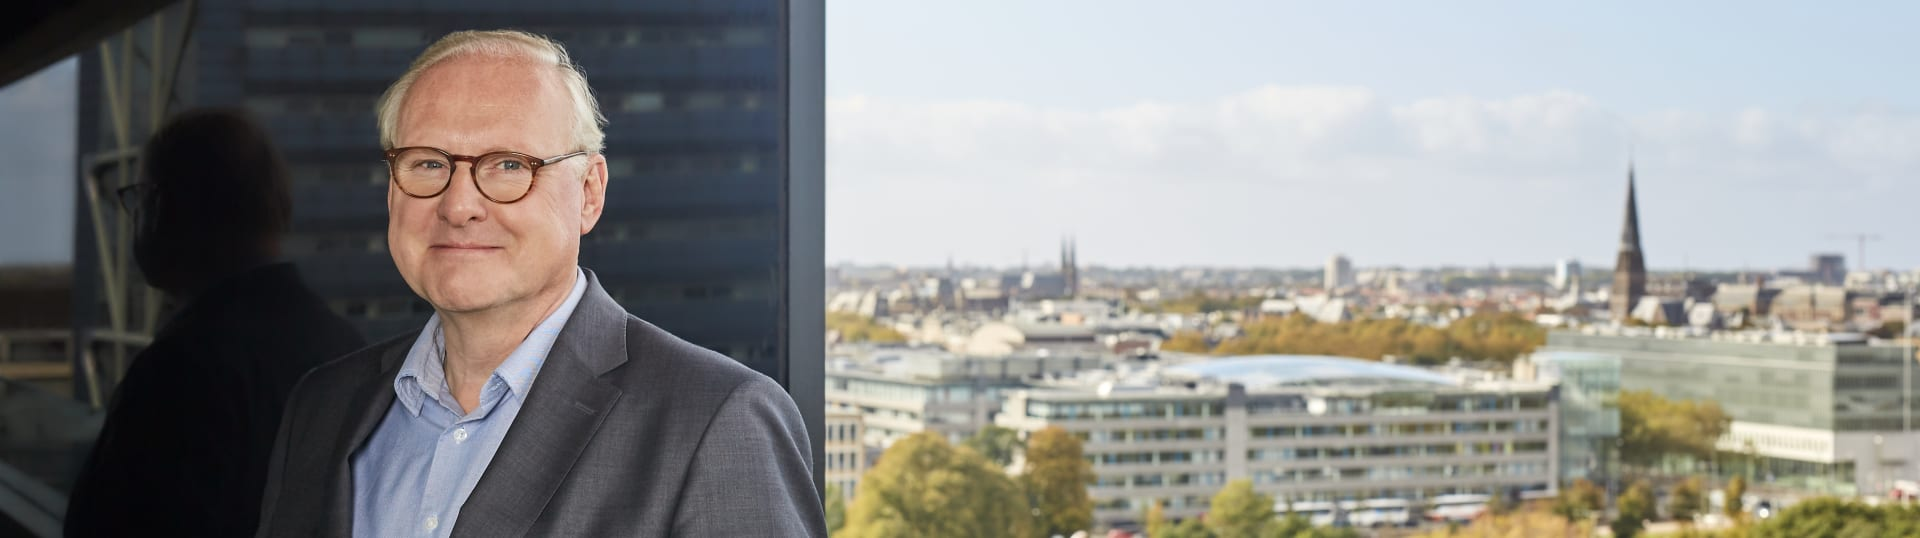 René Kiers, advocaat Pels Rijcken